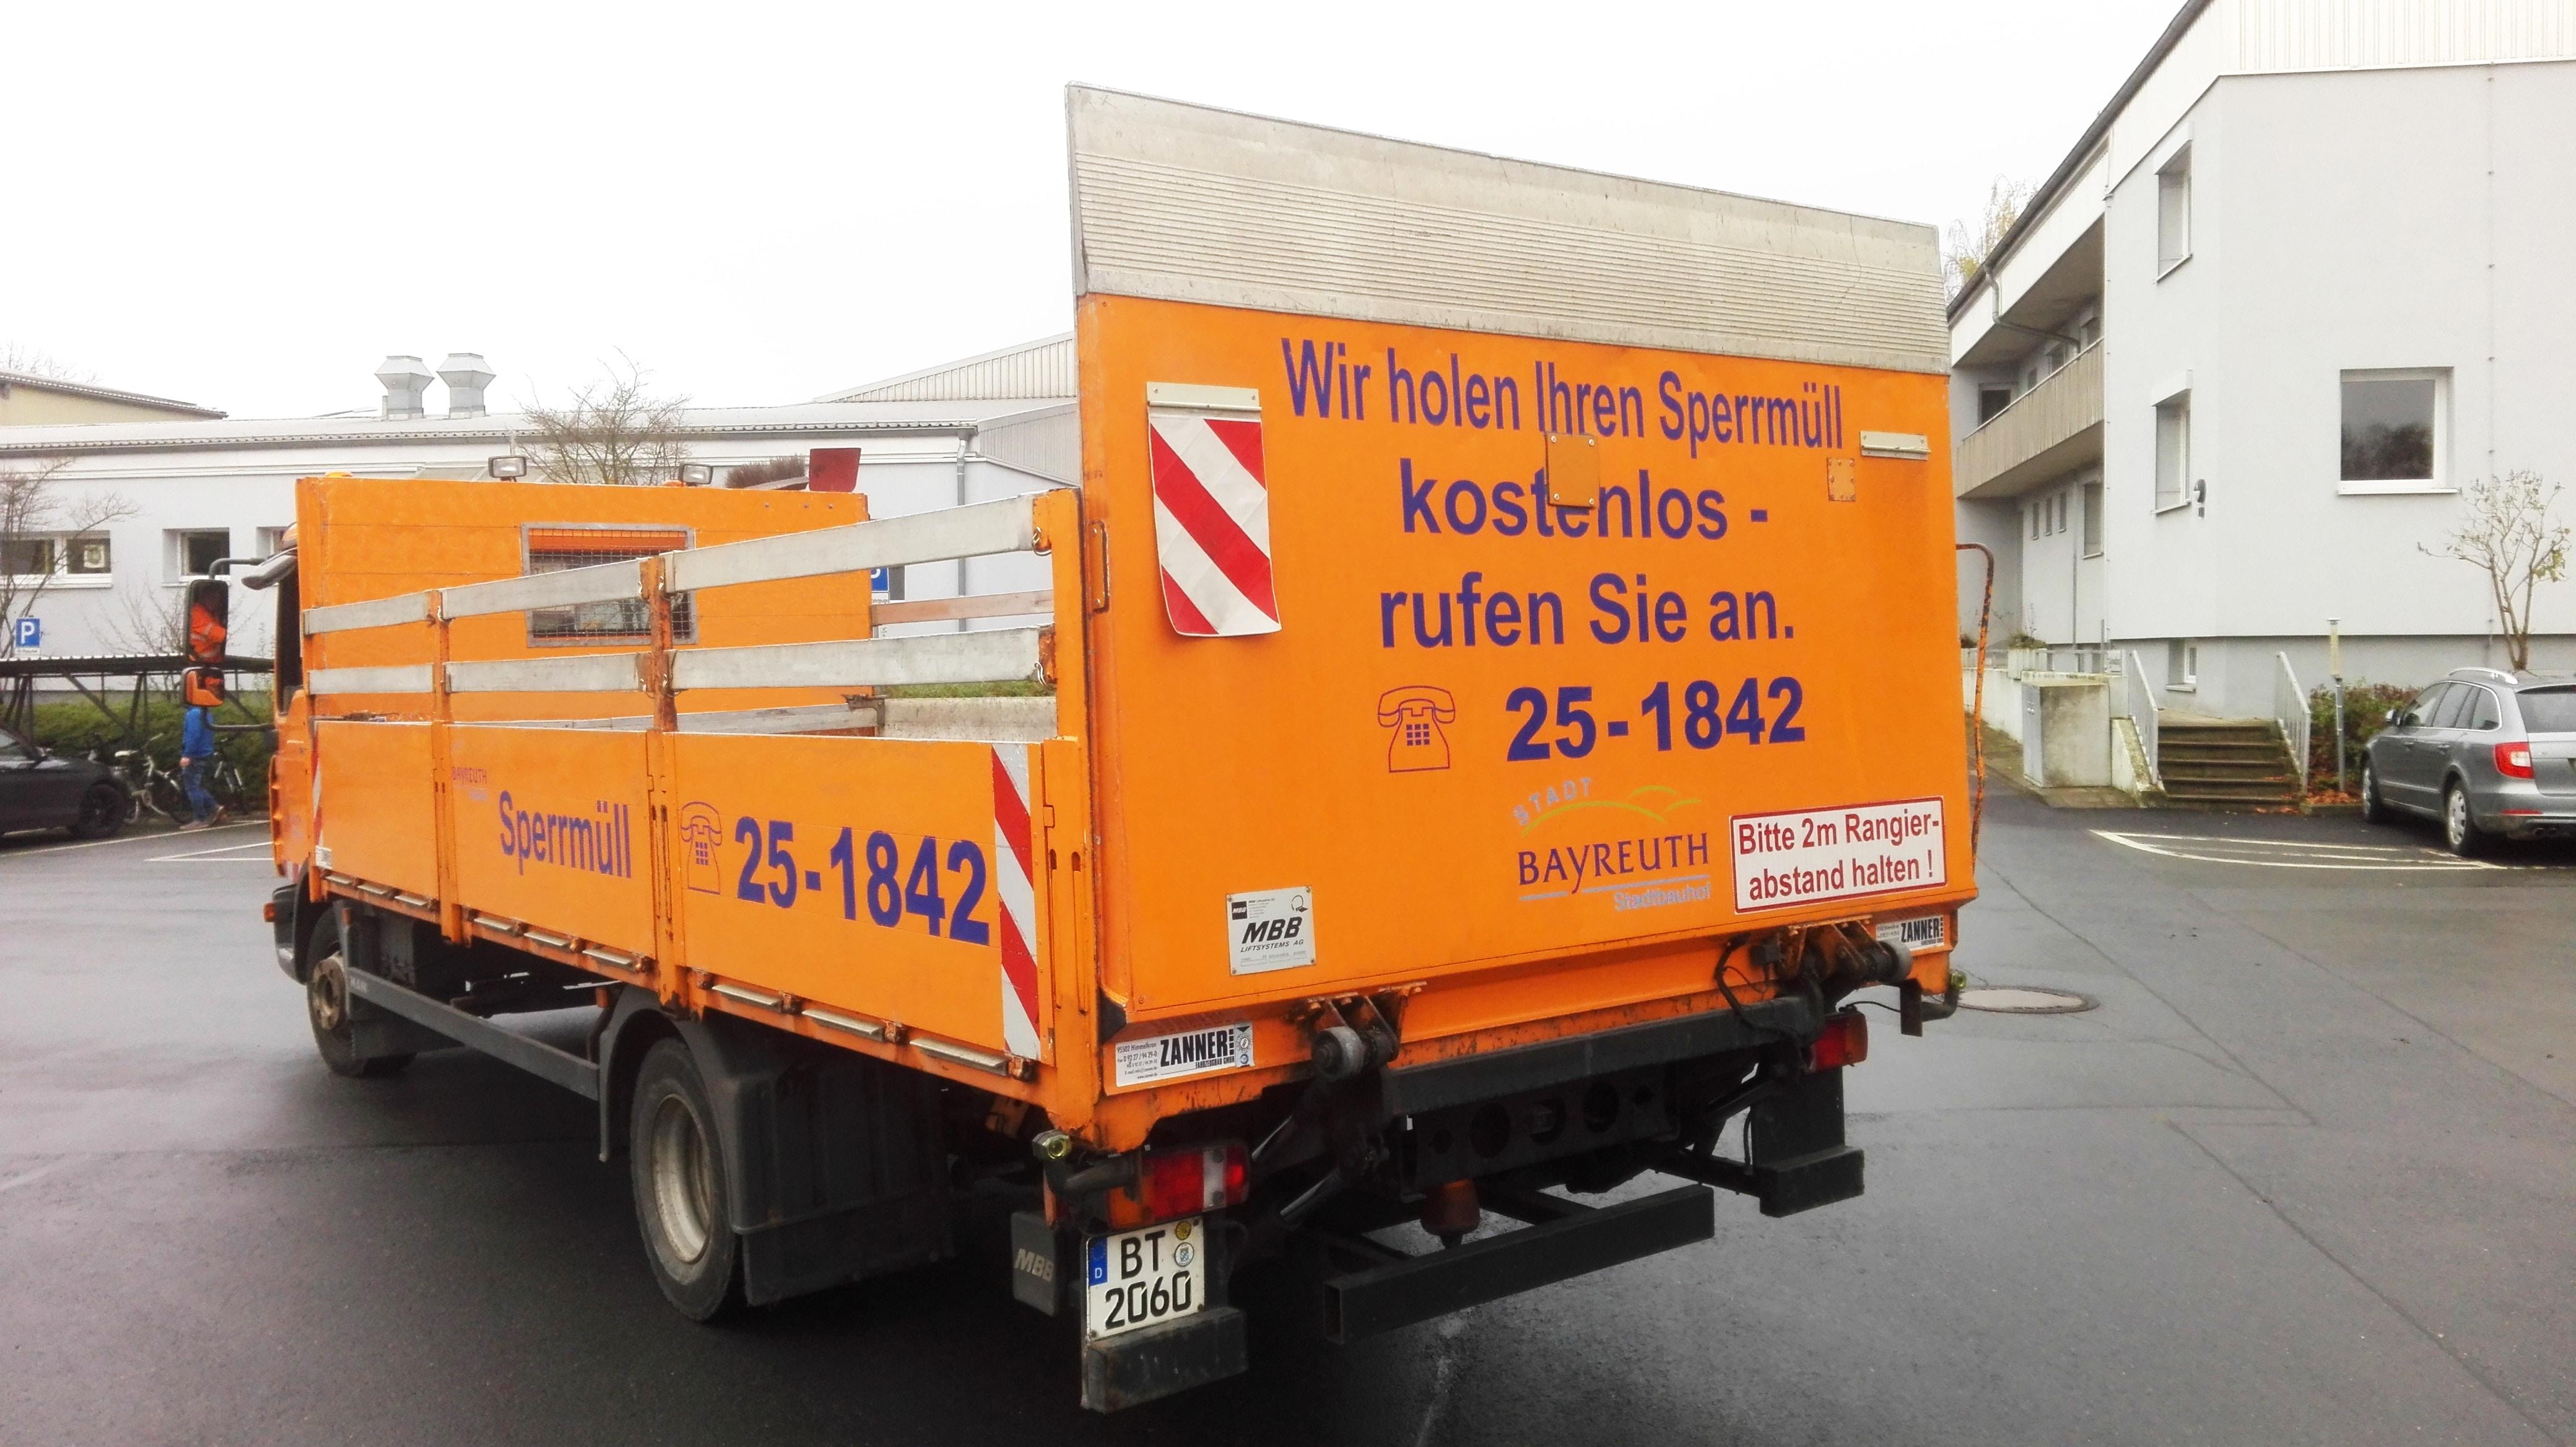 Fahrzeug der Sperrmüllabfuhr.